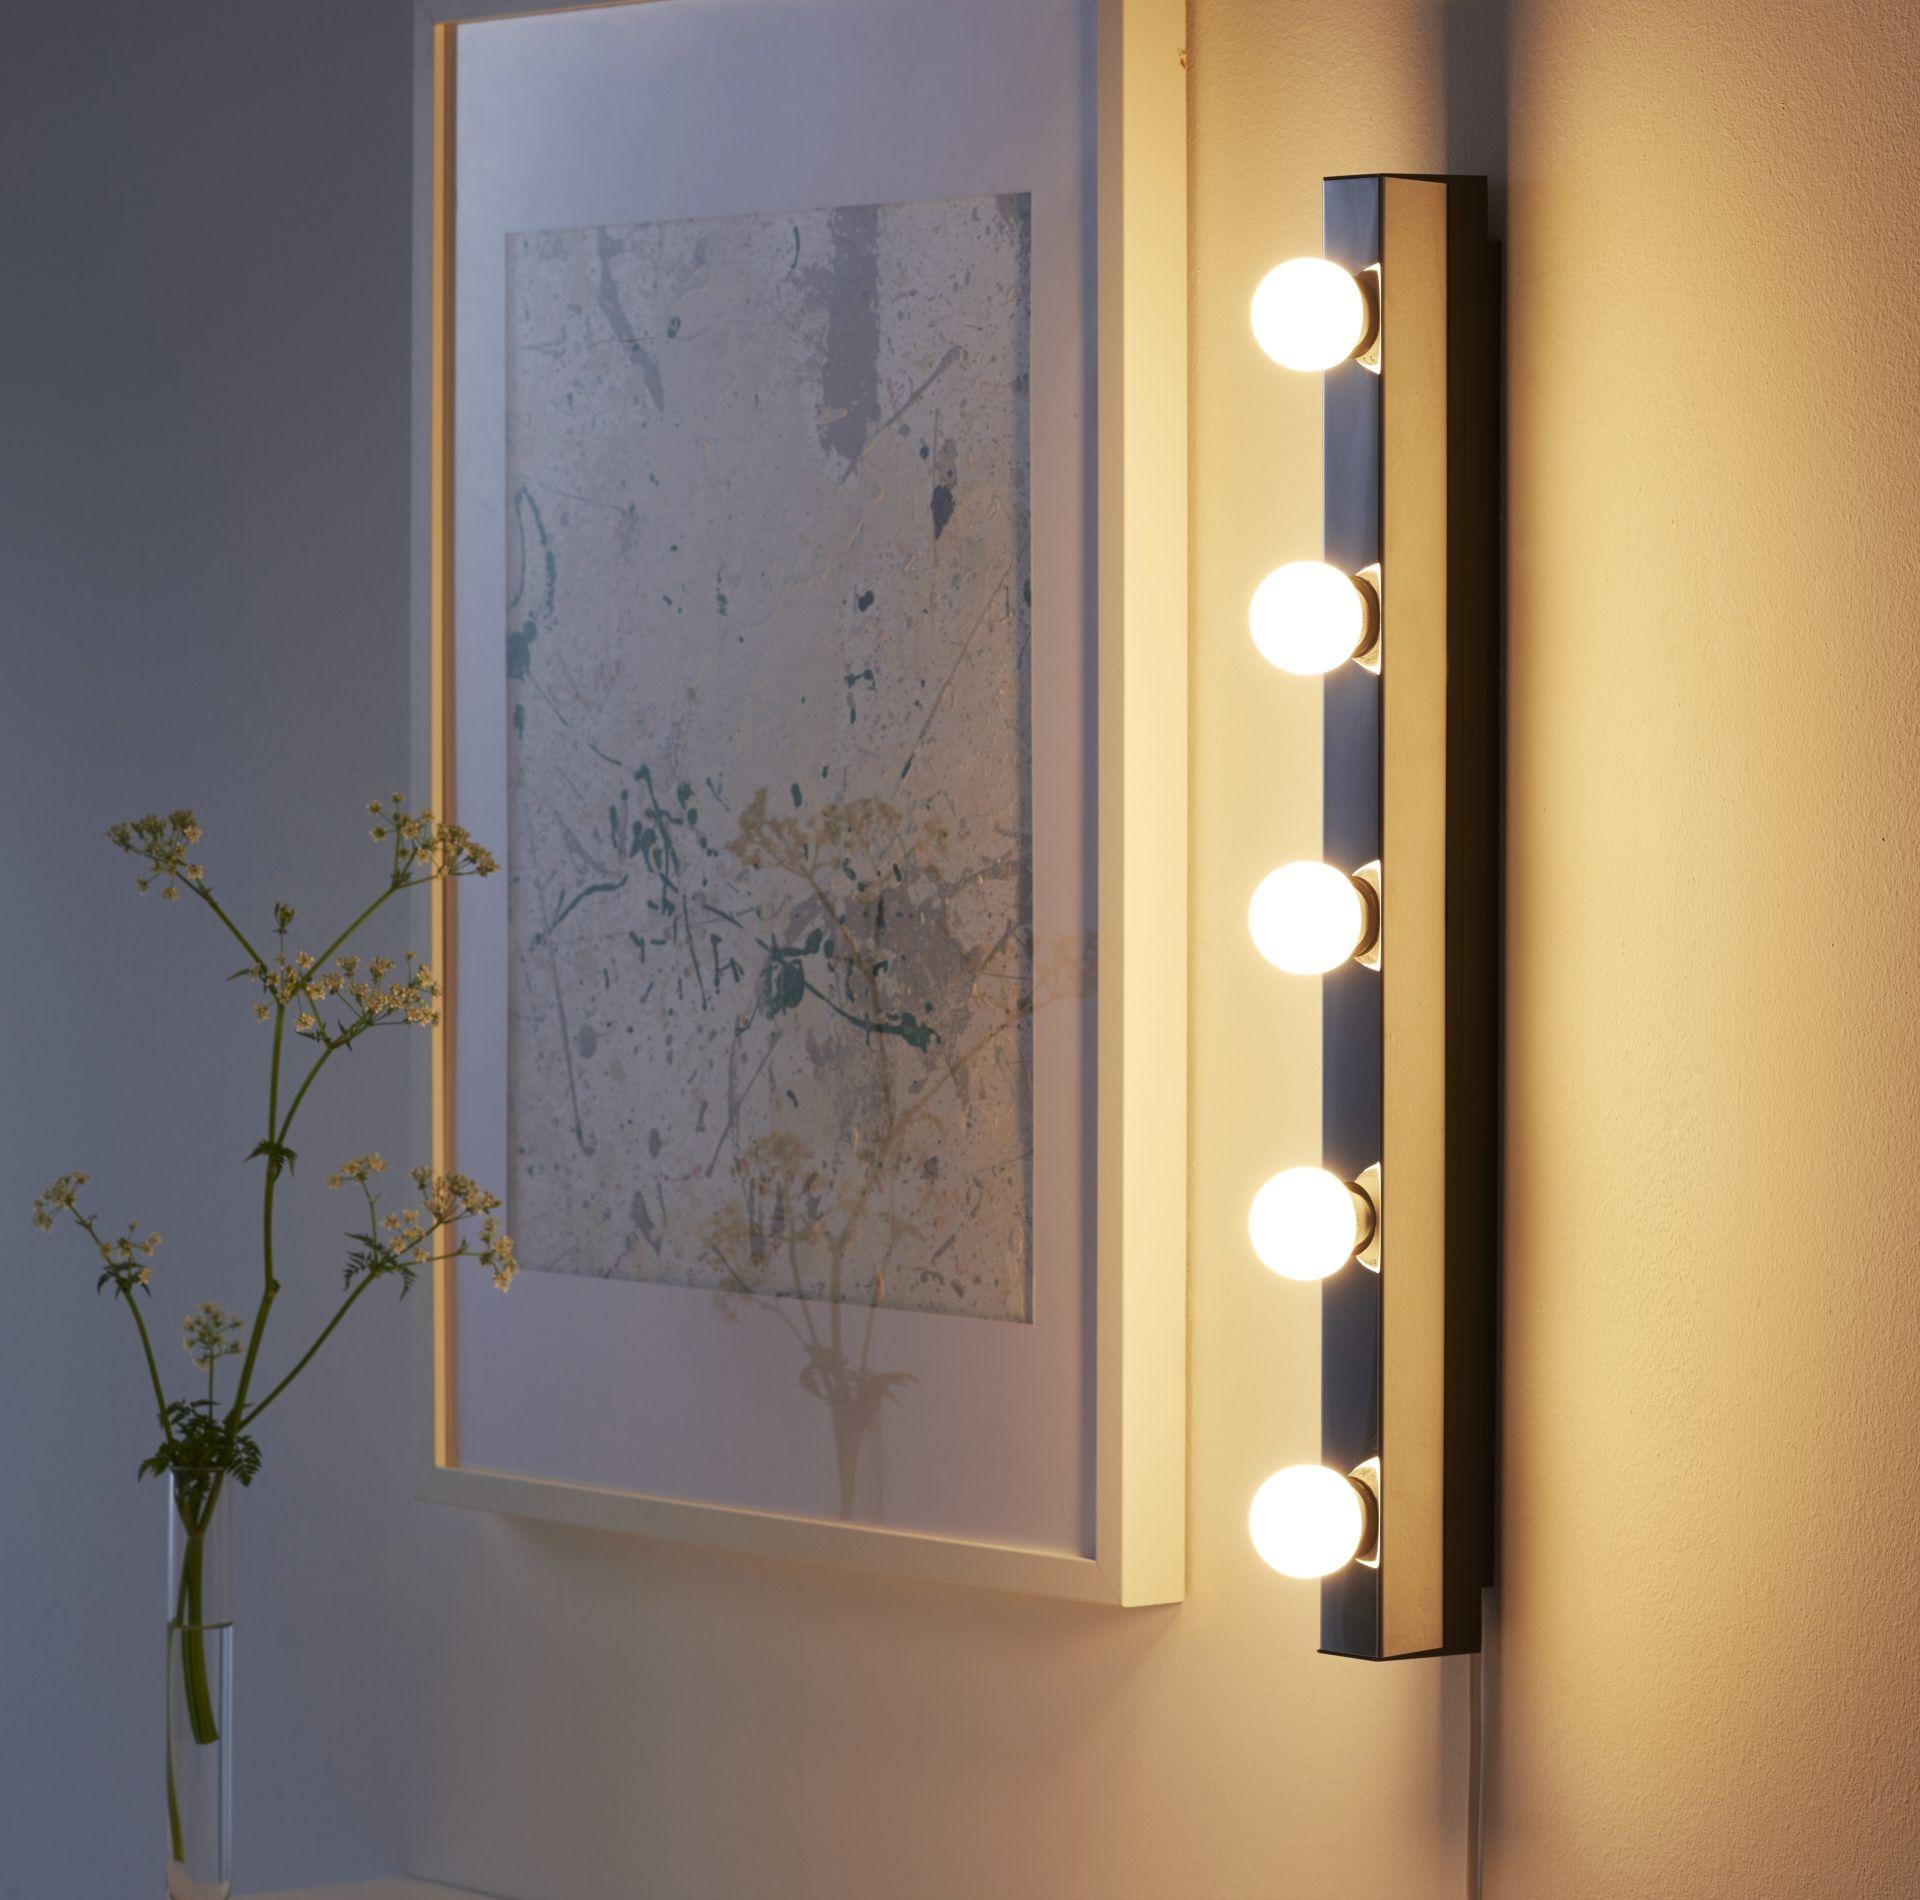 MUSIK wandlamp | IKEA IKEAnl IKEAnederland designdroom inspiratie ...